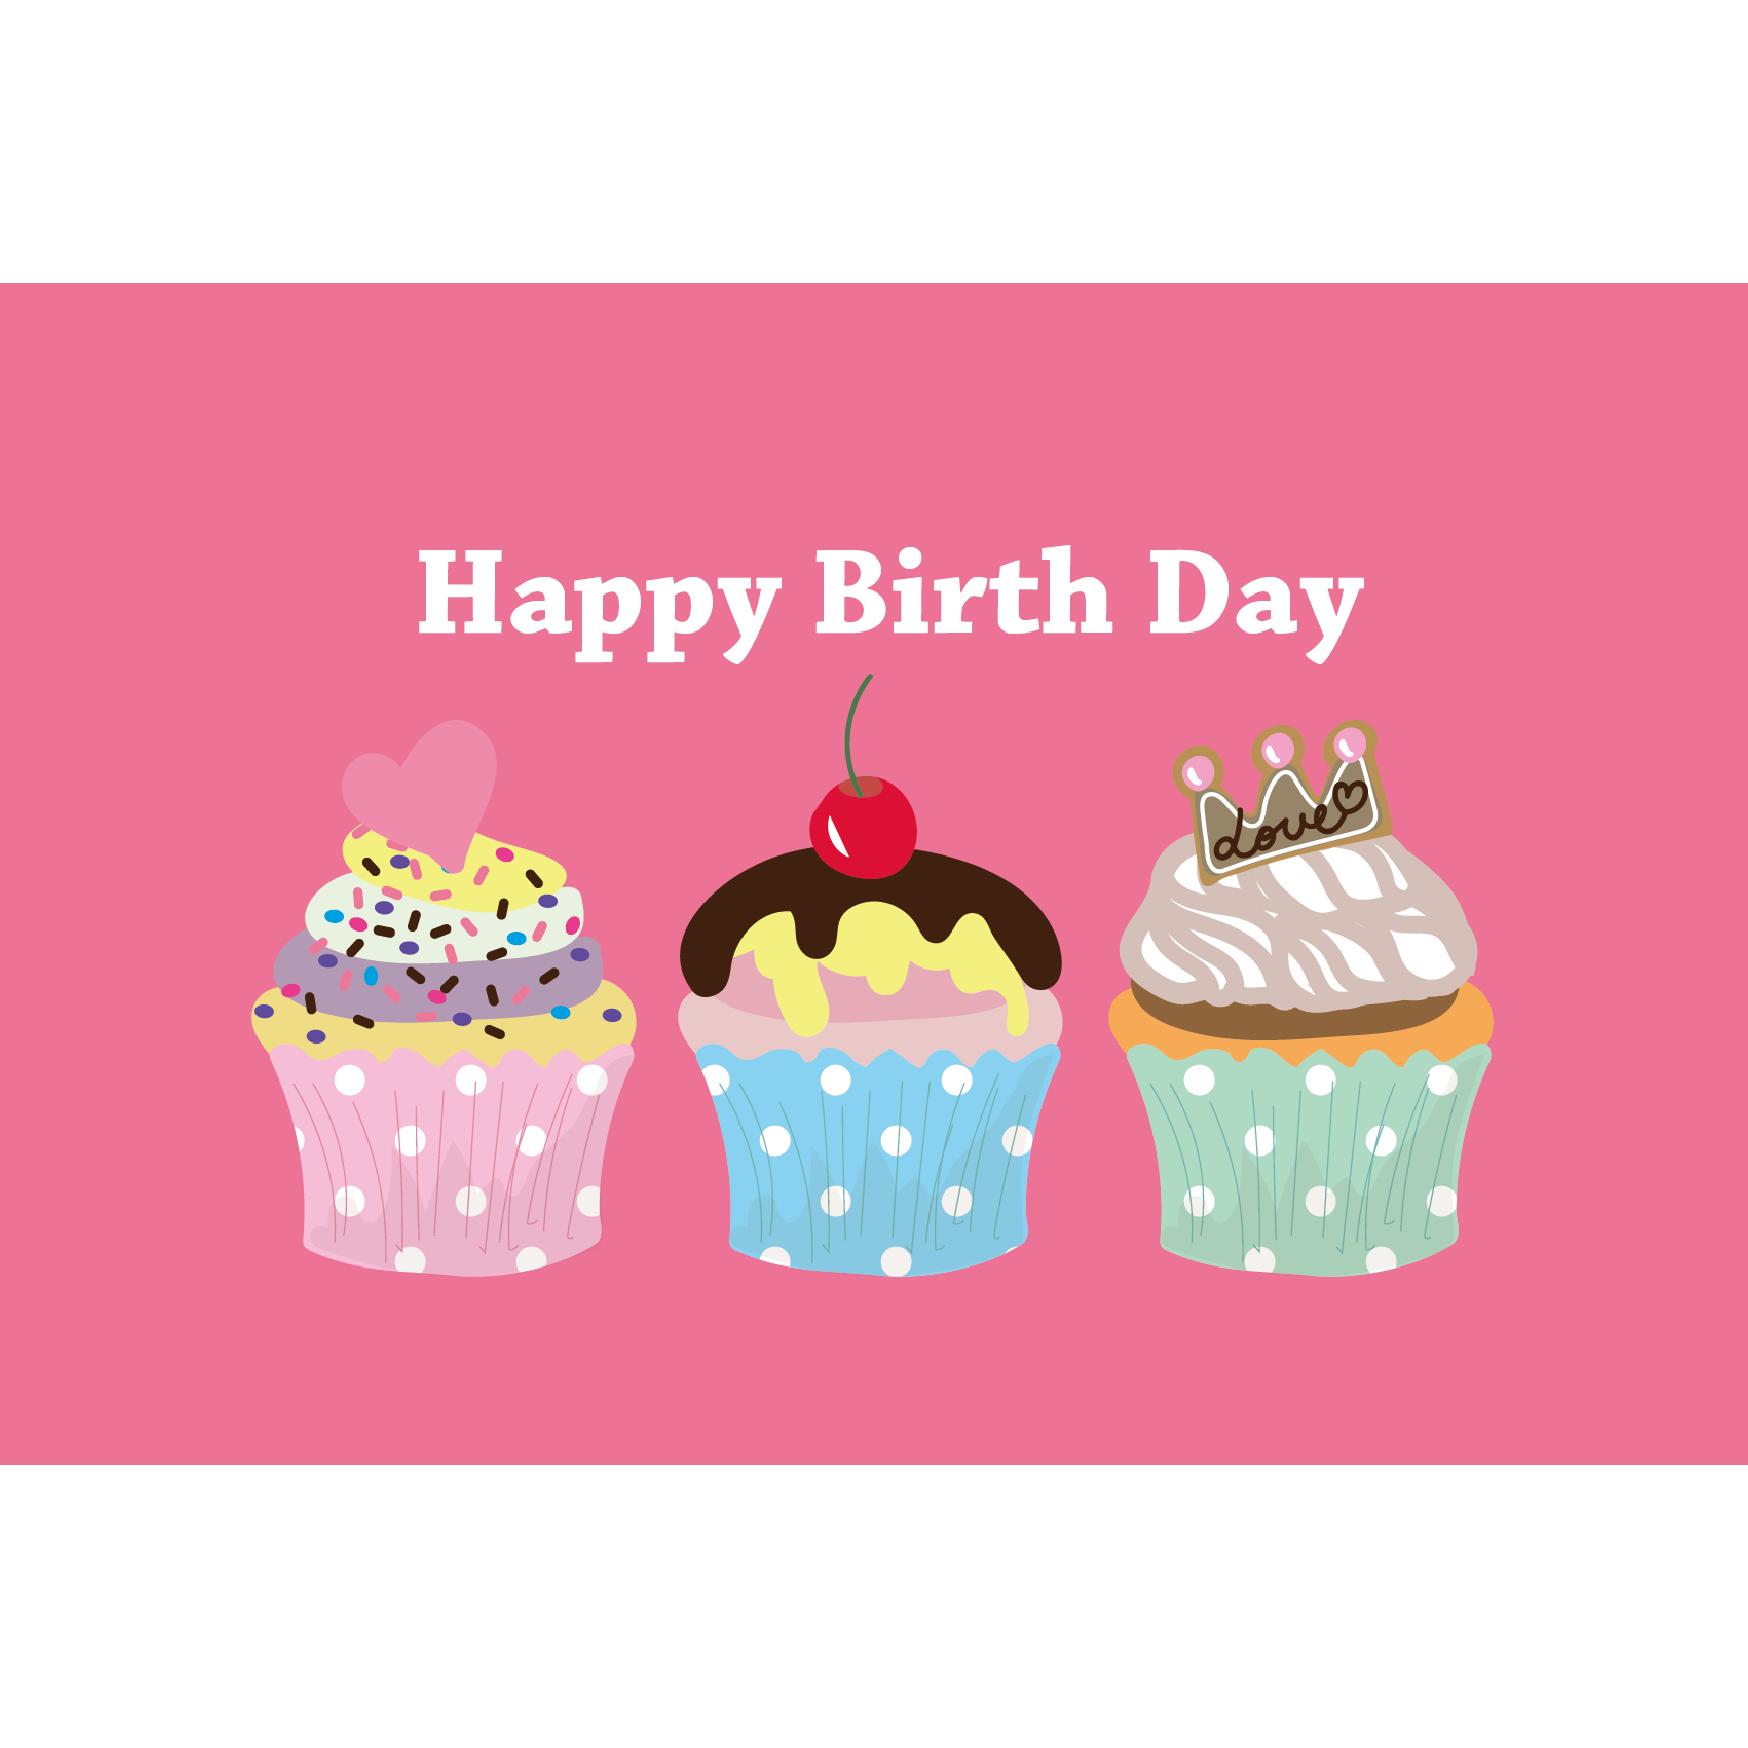 誕生日カップケーキのグリーティングカードイラスト | 商用フリー(無料